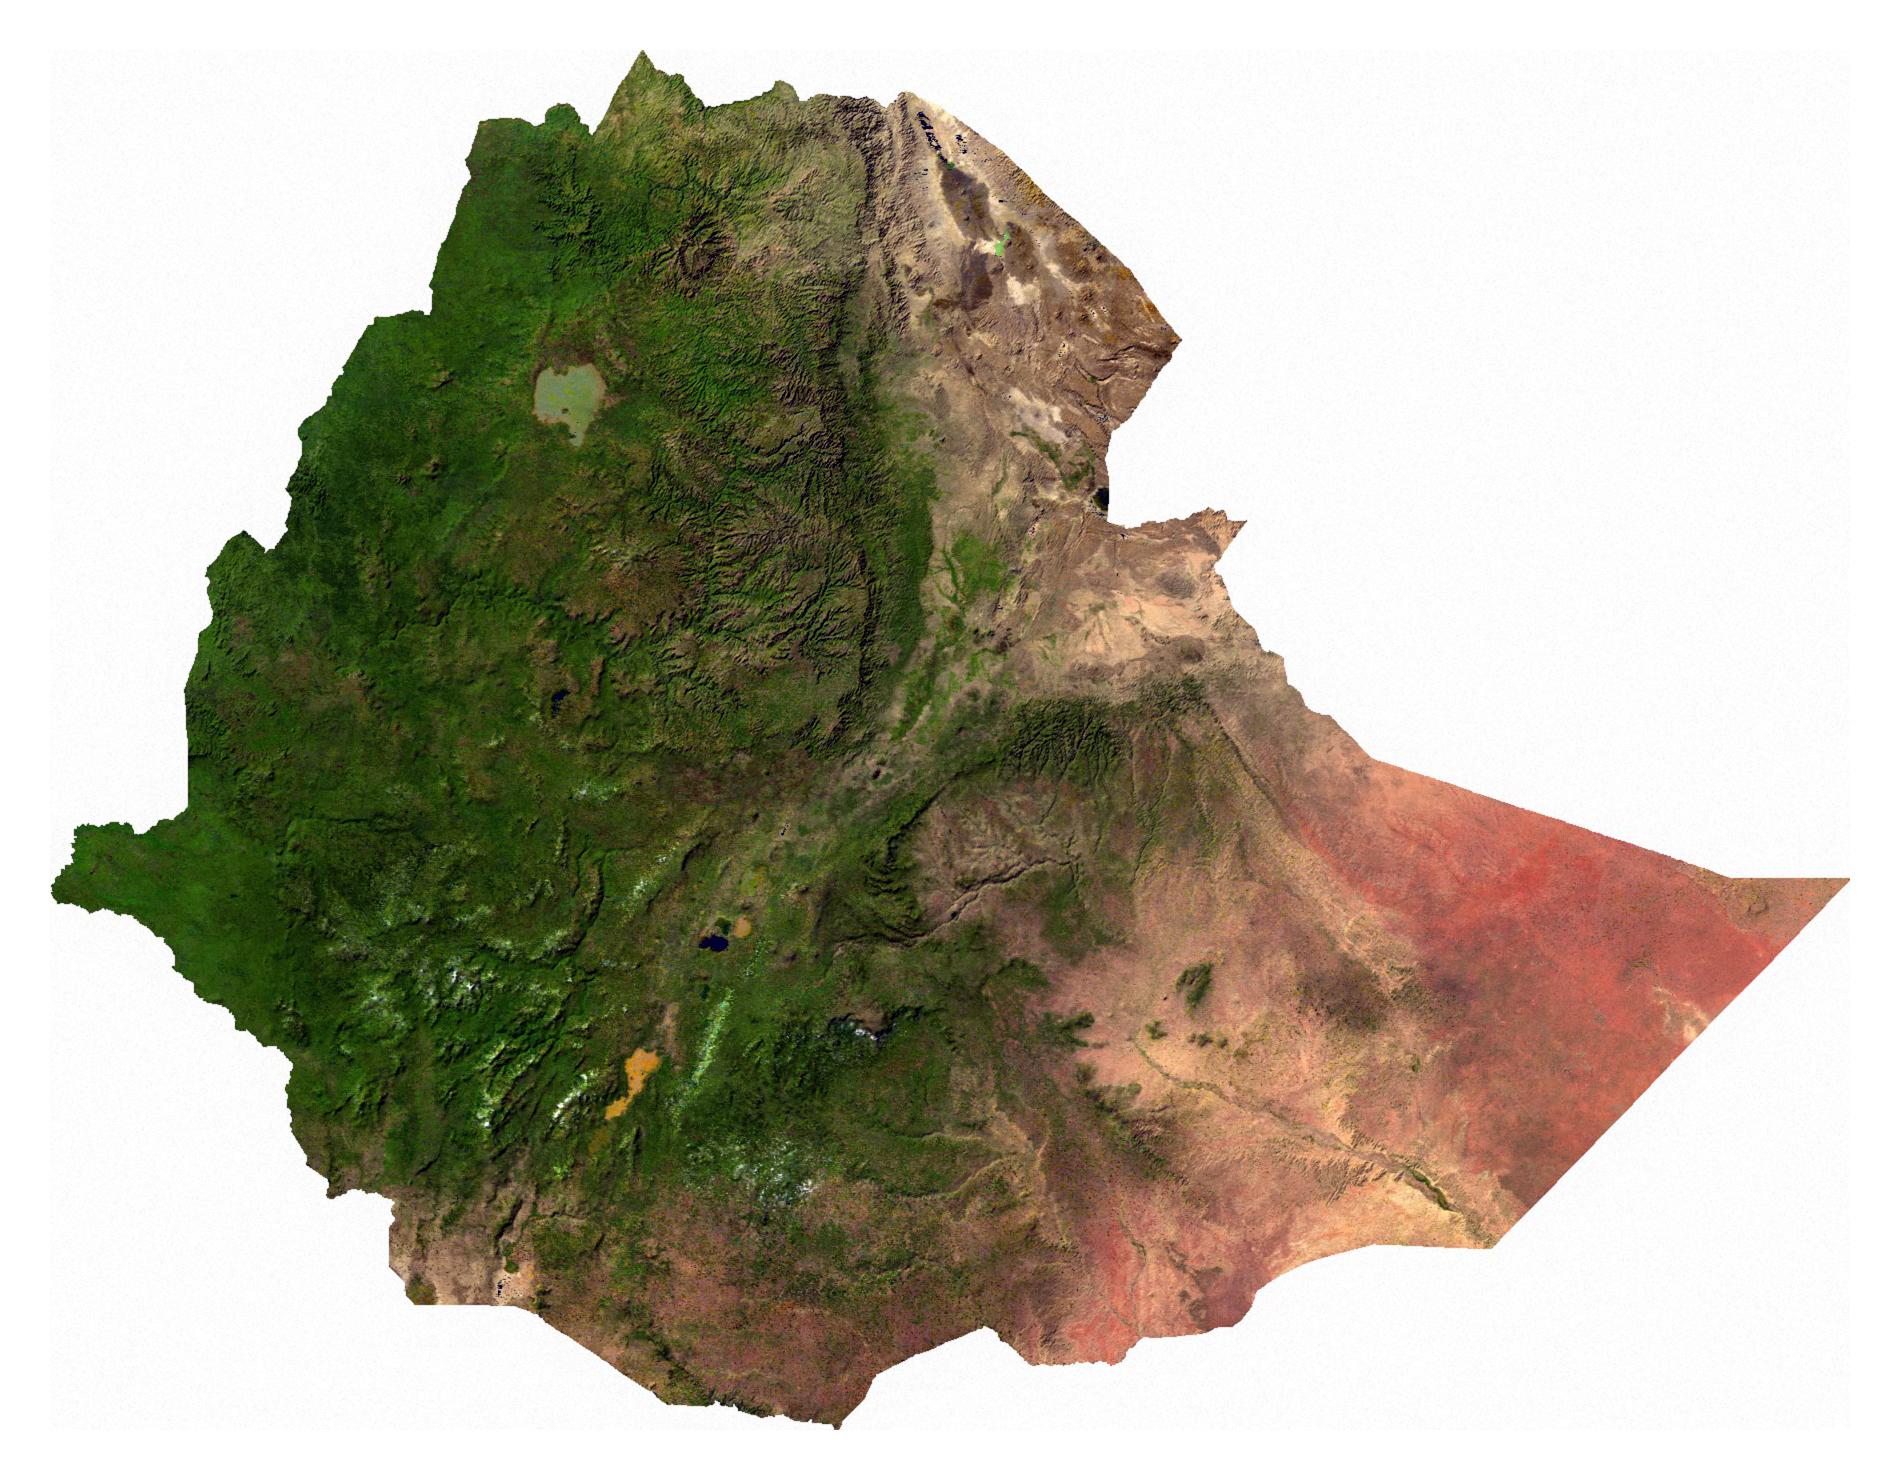 Large satellite map of Ethiopia | Ethiopia | Africa ... on food of ethiopia, satellite map kenya, elevation of ethiopia, village of ethiopia, flora of ethiopia, geographic features of ethiopia, coordinates of ethiopia, king of ethiopia, road map ethiopia, native animal in ethiopia, aerial view of ethiopia, sodo ethiopia, national flag of ethiopia, capital of ethiopia, nazret ethiopia, gojjam ethiopia, city of ethiopia, afar region ethiopia, awash ethiopia,